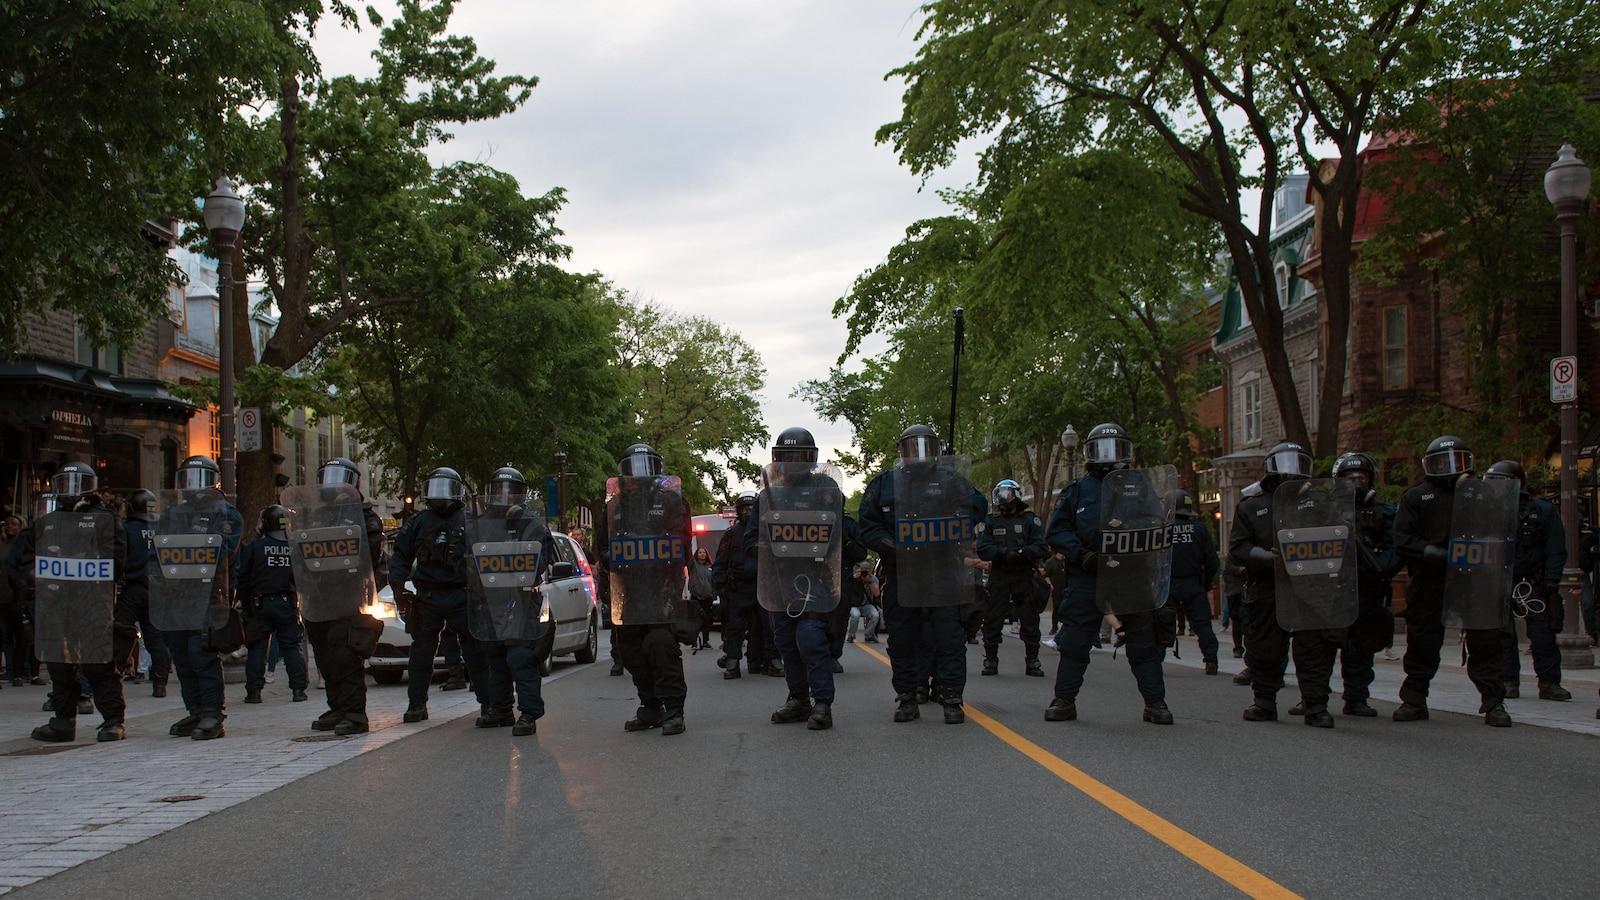 Une rangée de policiers casqués levant leurs boucliers.